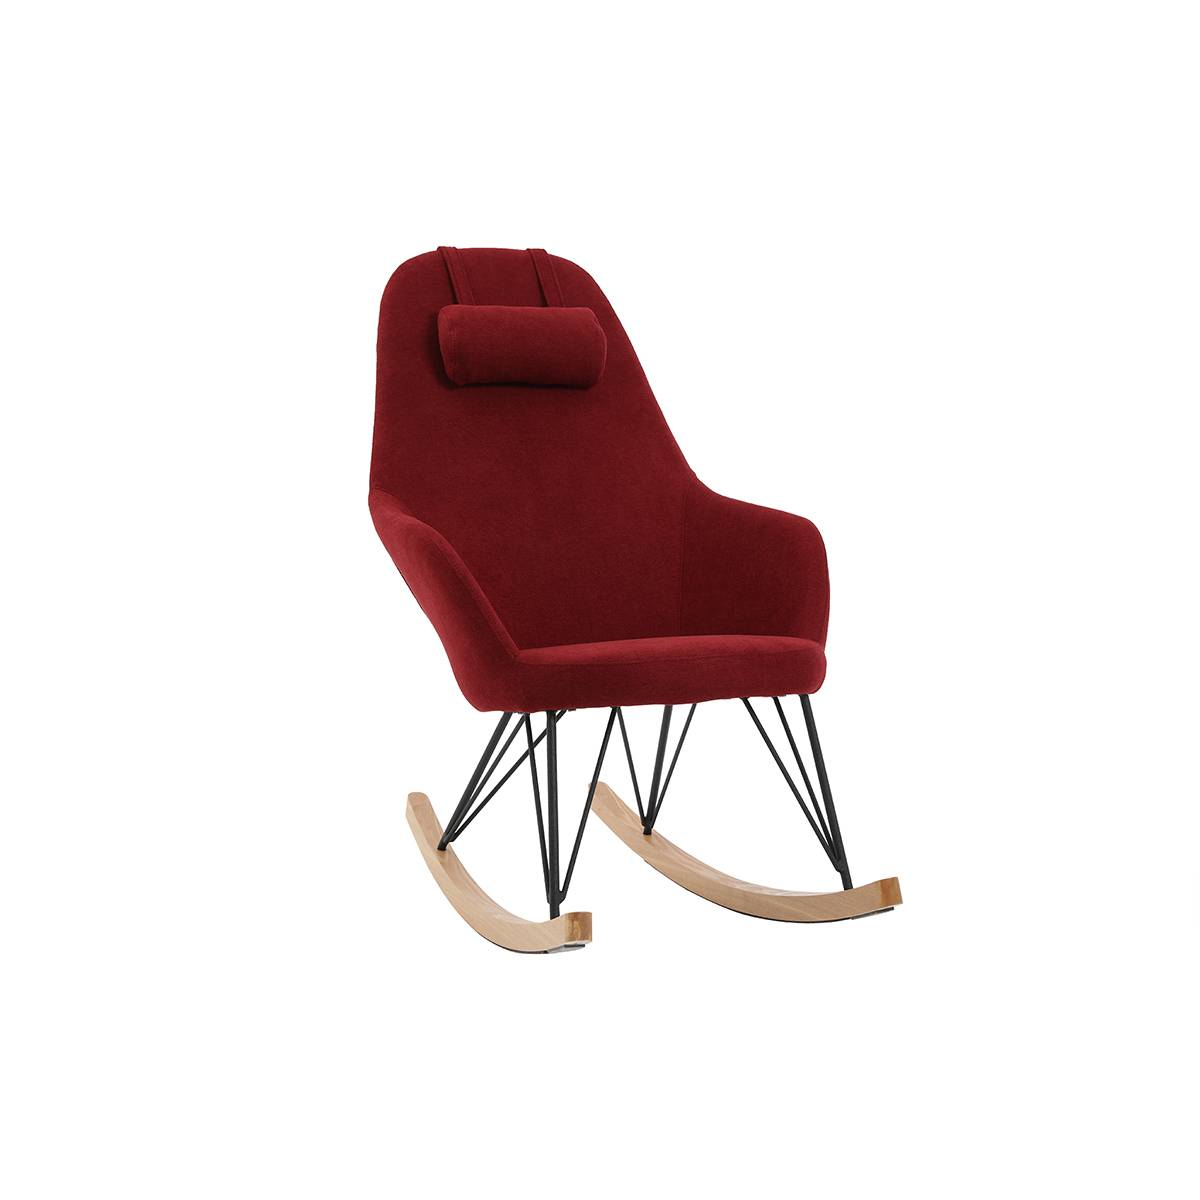 Miliboo Rocking chair en tissu effet velours bordeaux avec pieds métal et frêne JHENE